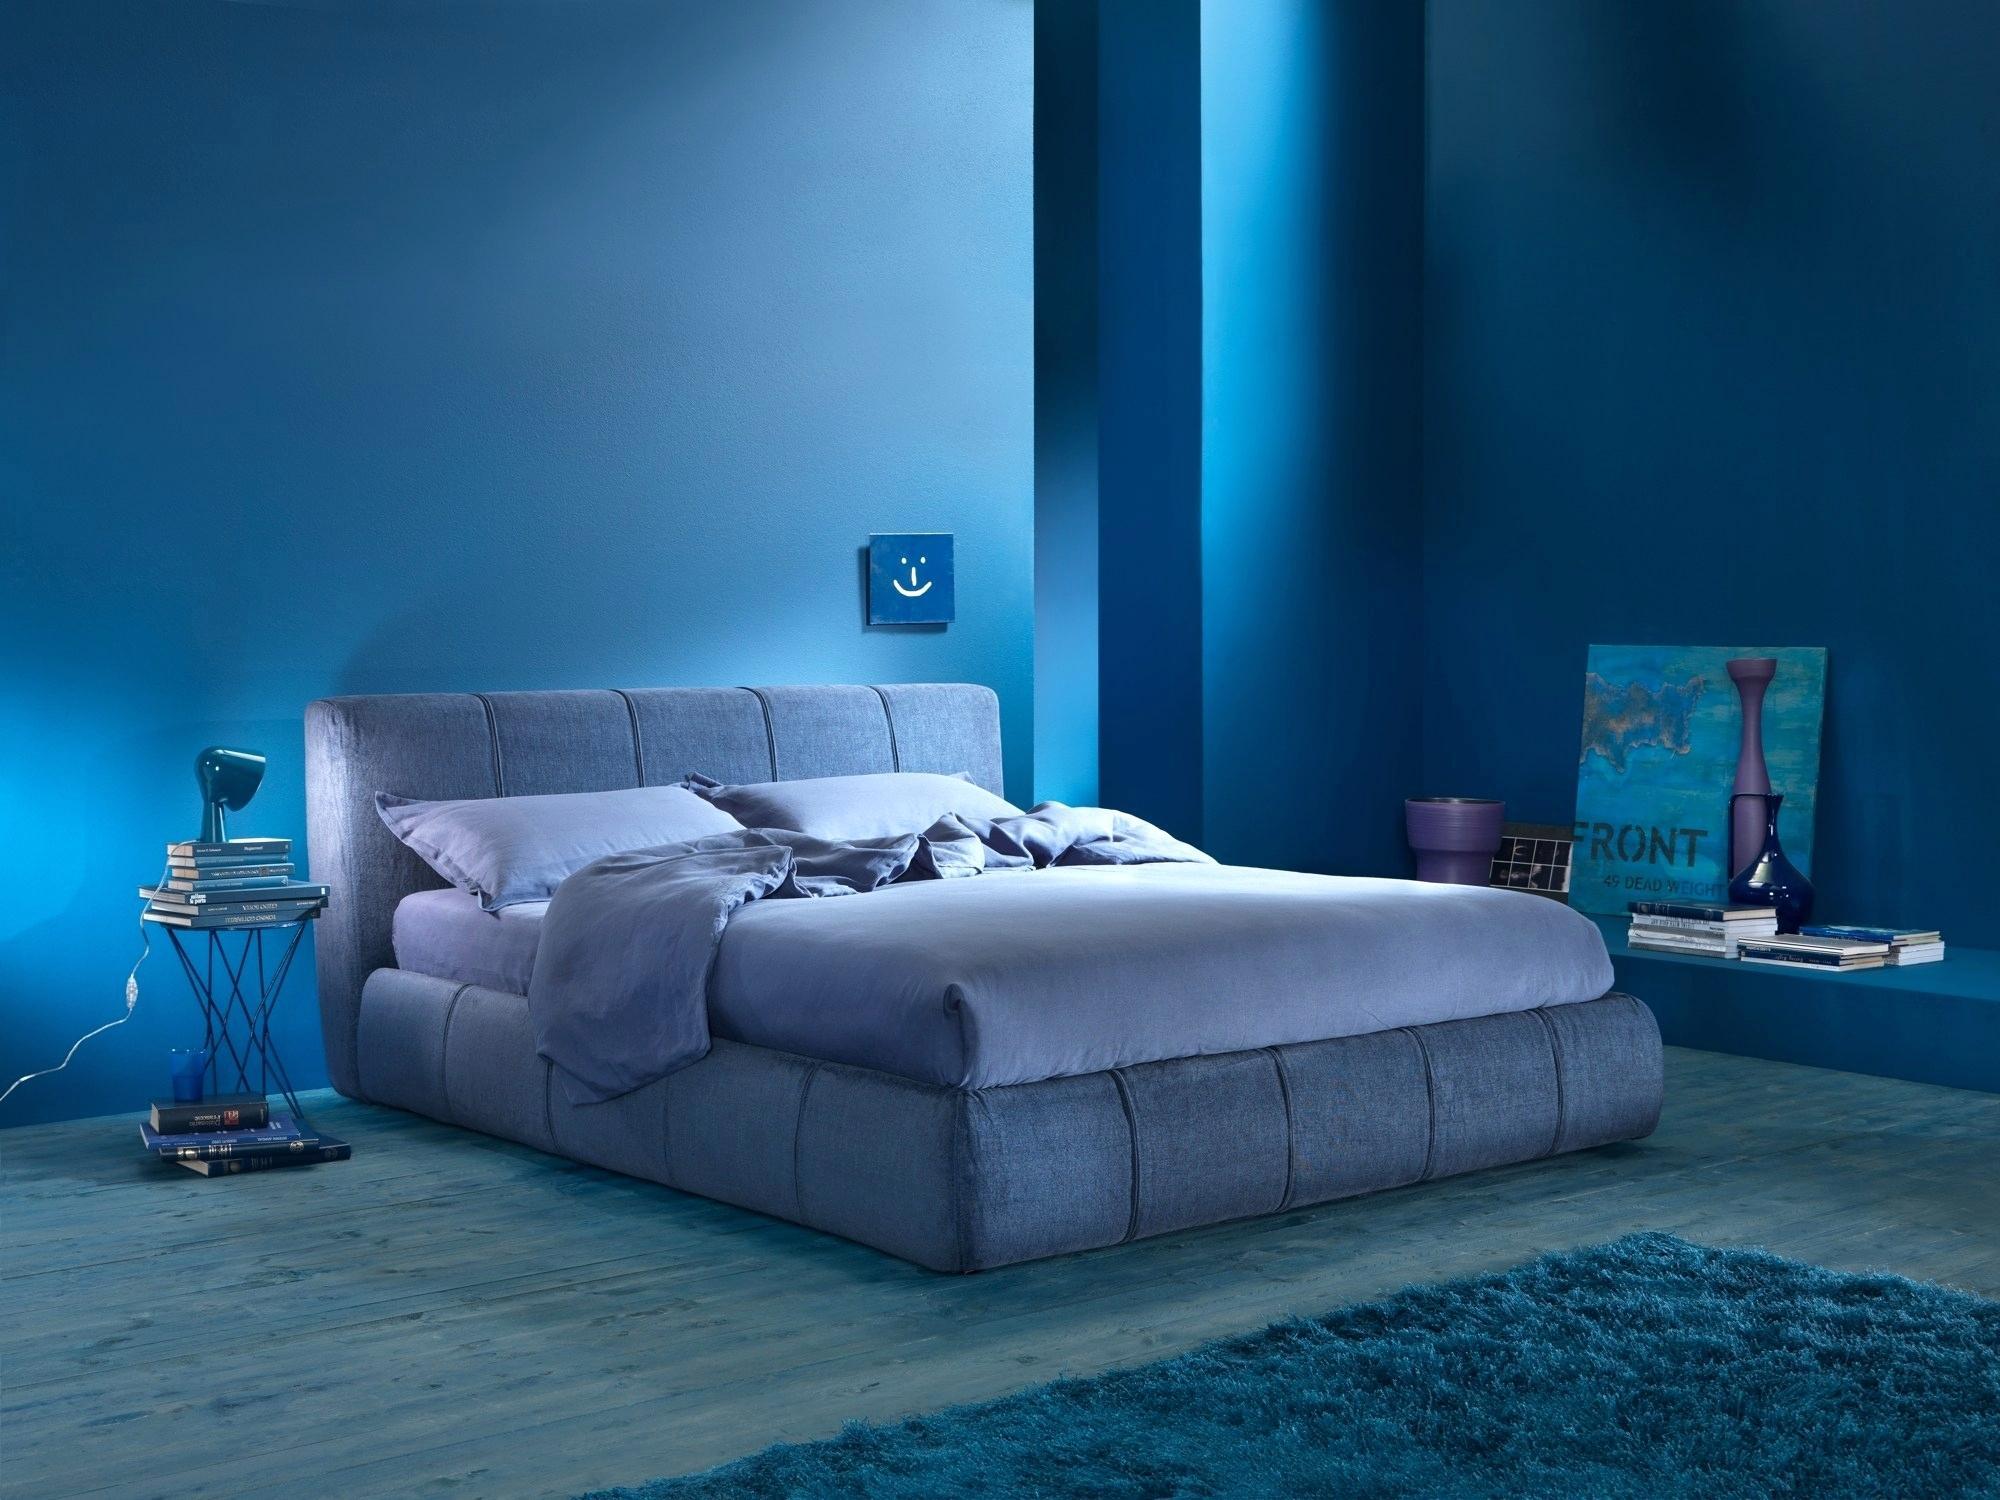 Свет от лампы у кровати